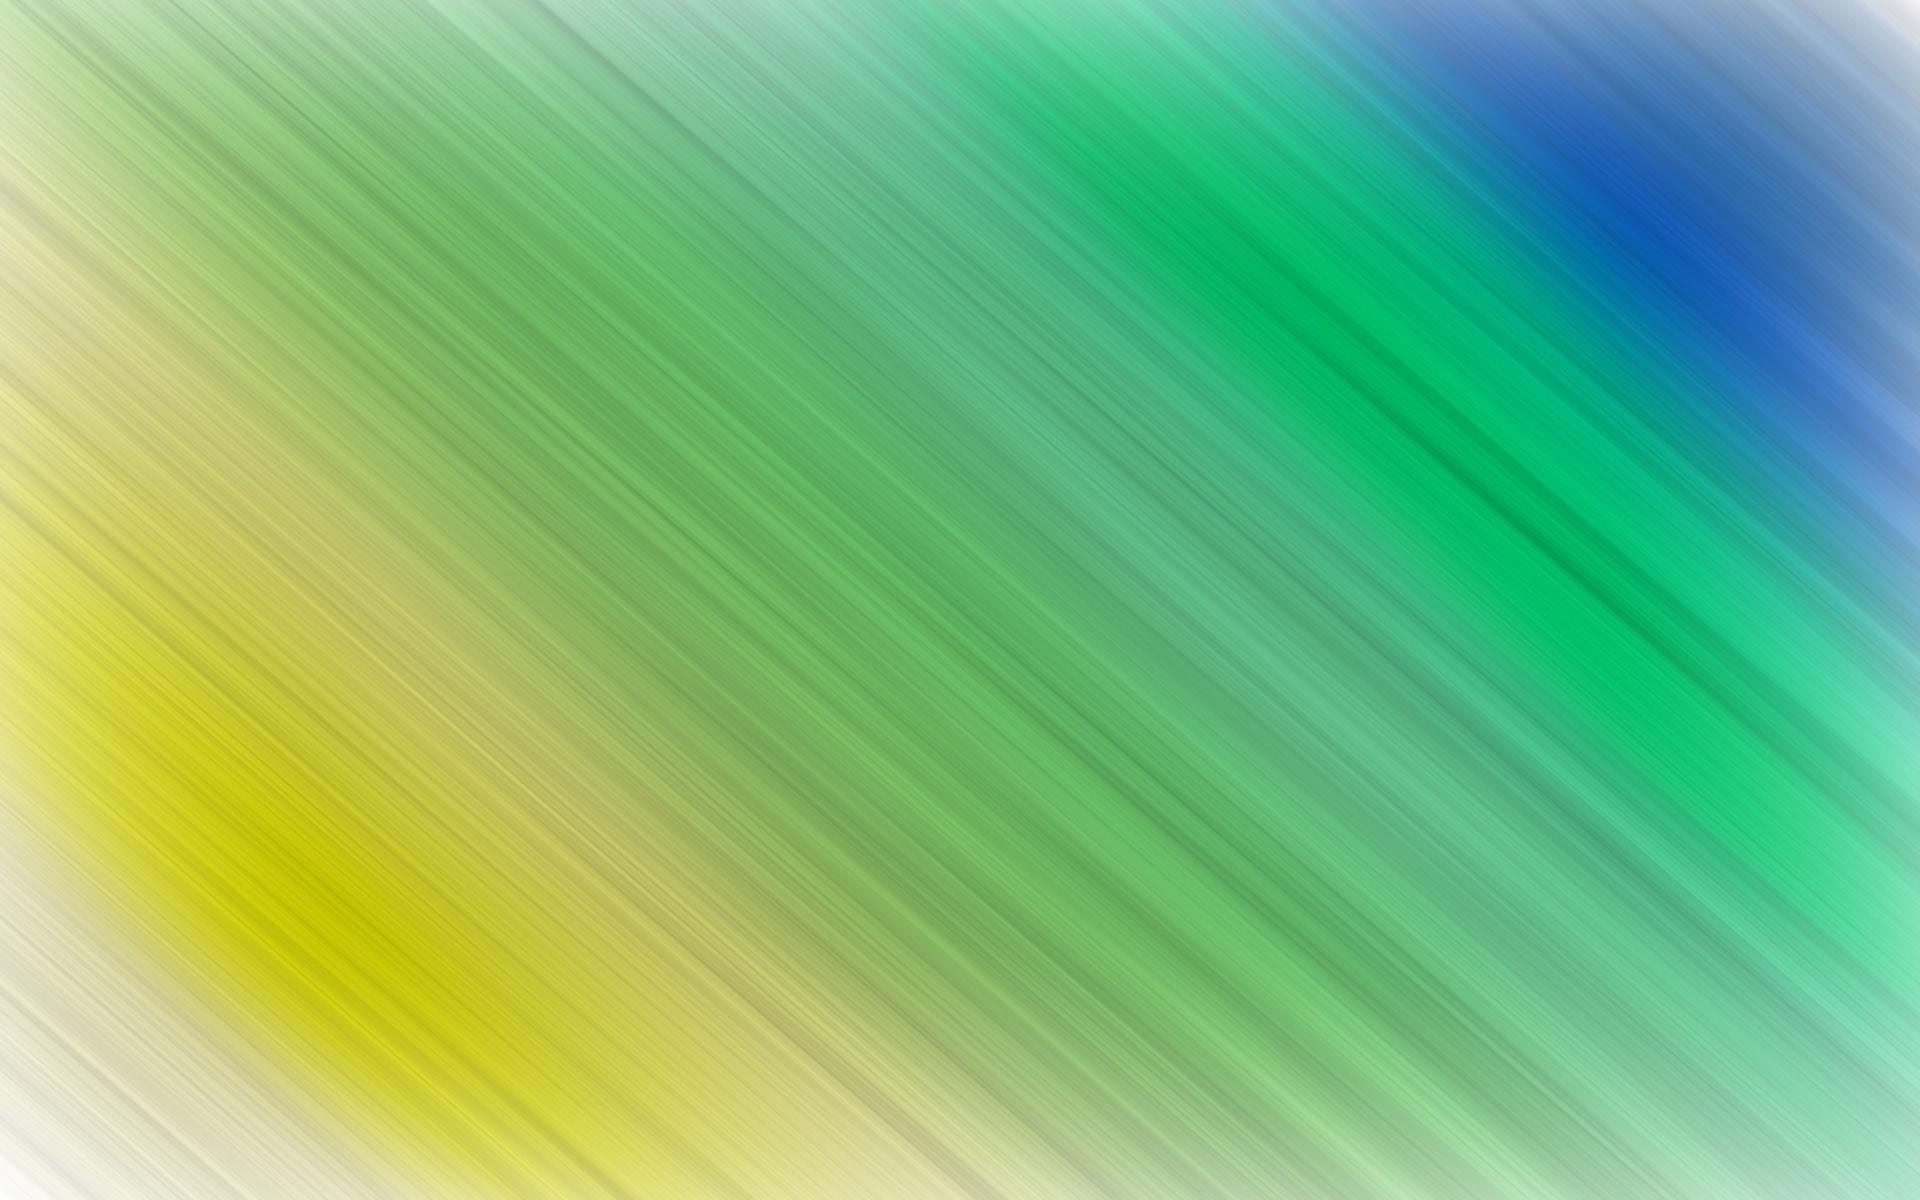 Abstracto y lineas de colores - 1920x1200